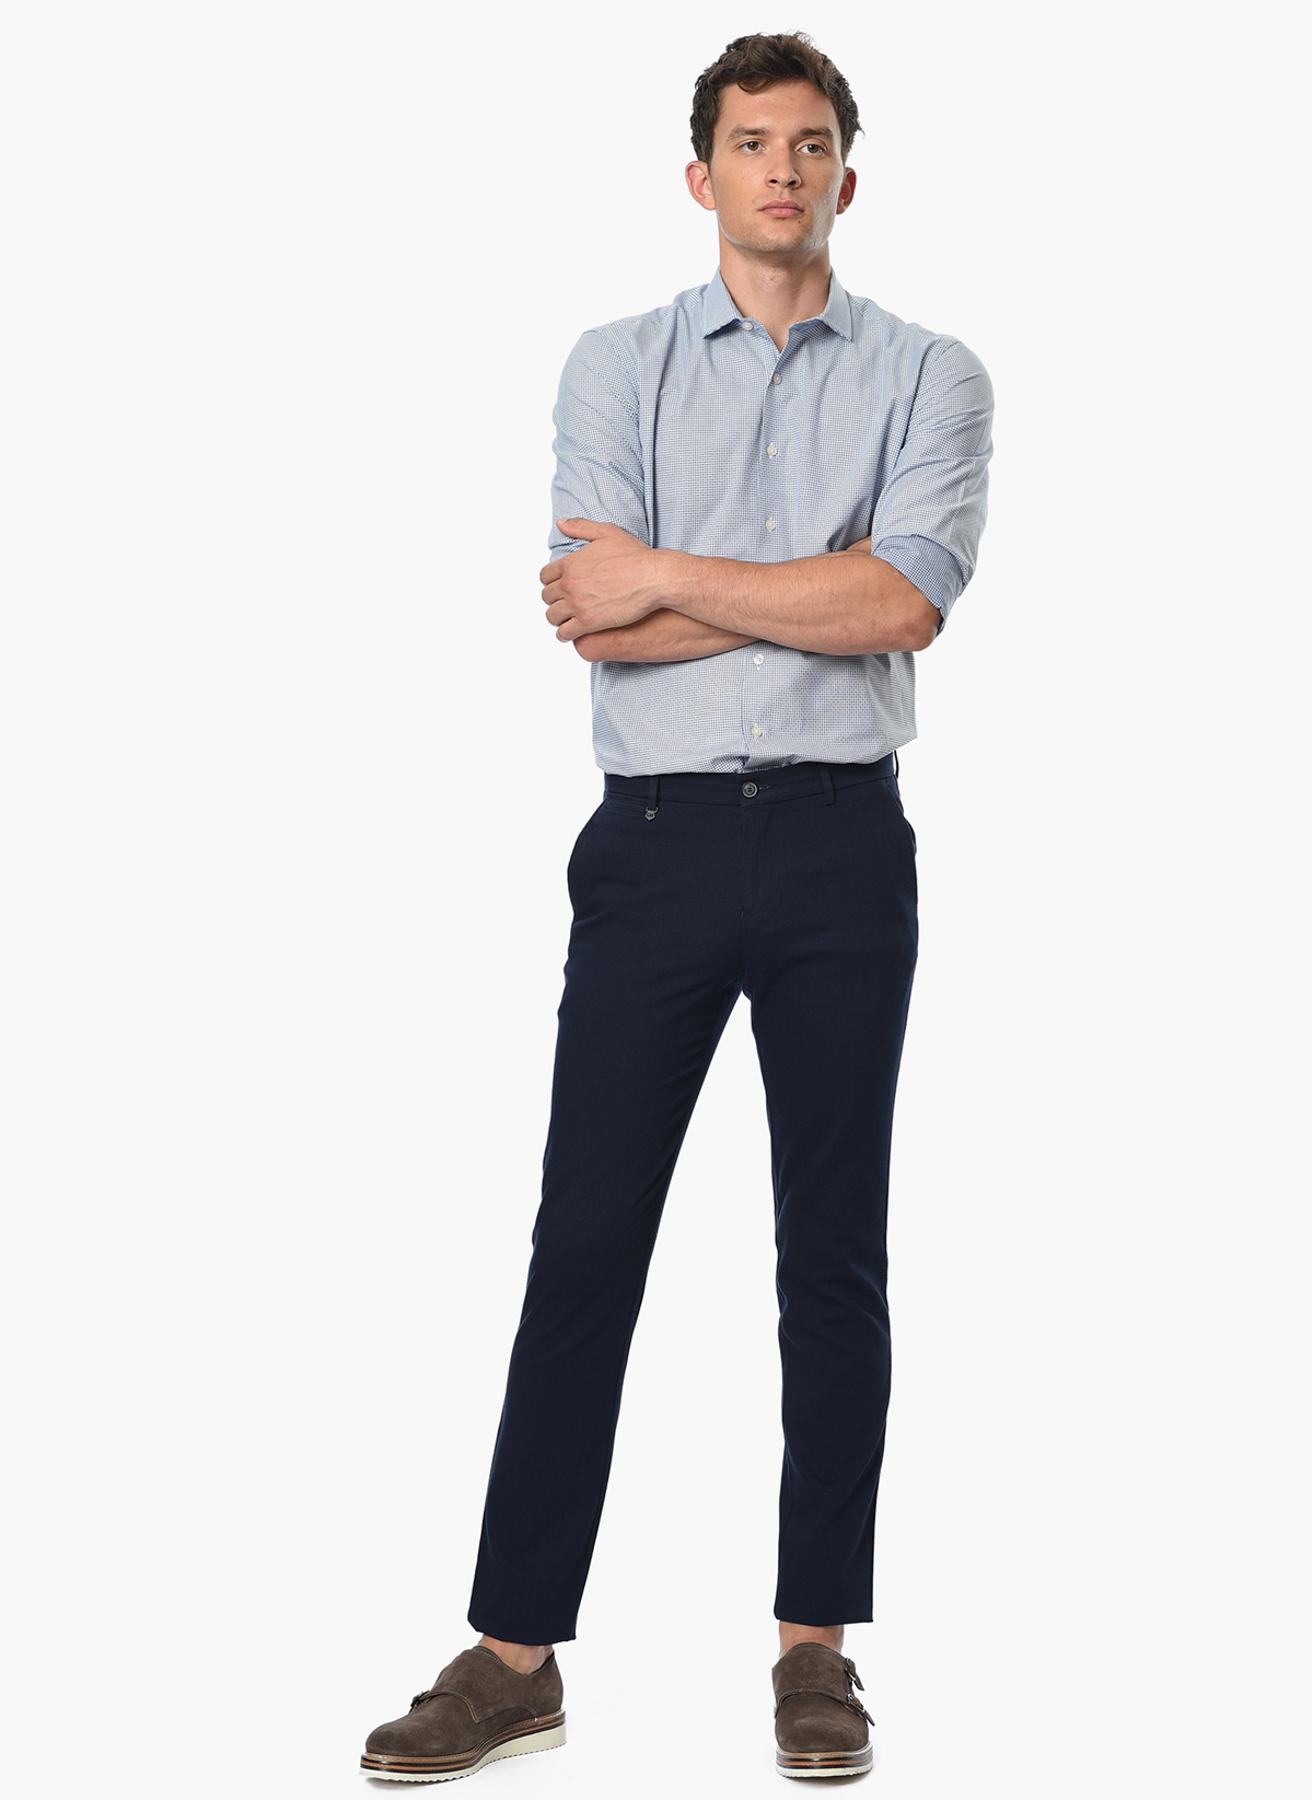 George Hogg Casual Lacivert Klasik Pantolon 50-6 5001699433003 Ürün Resmi